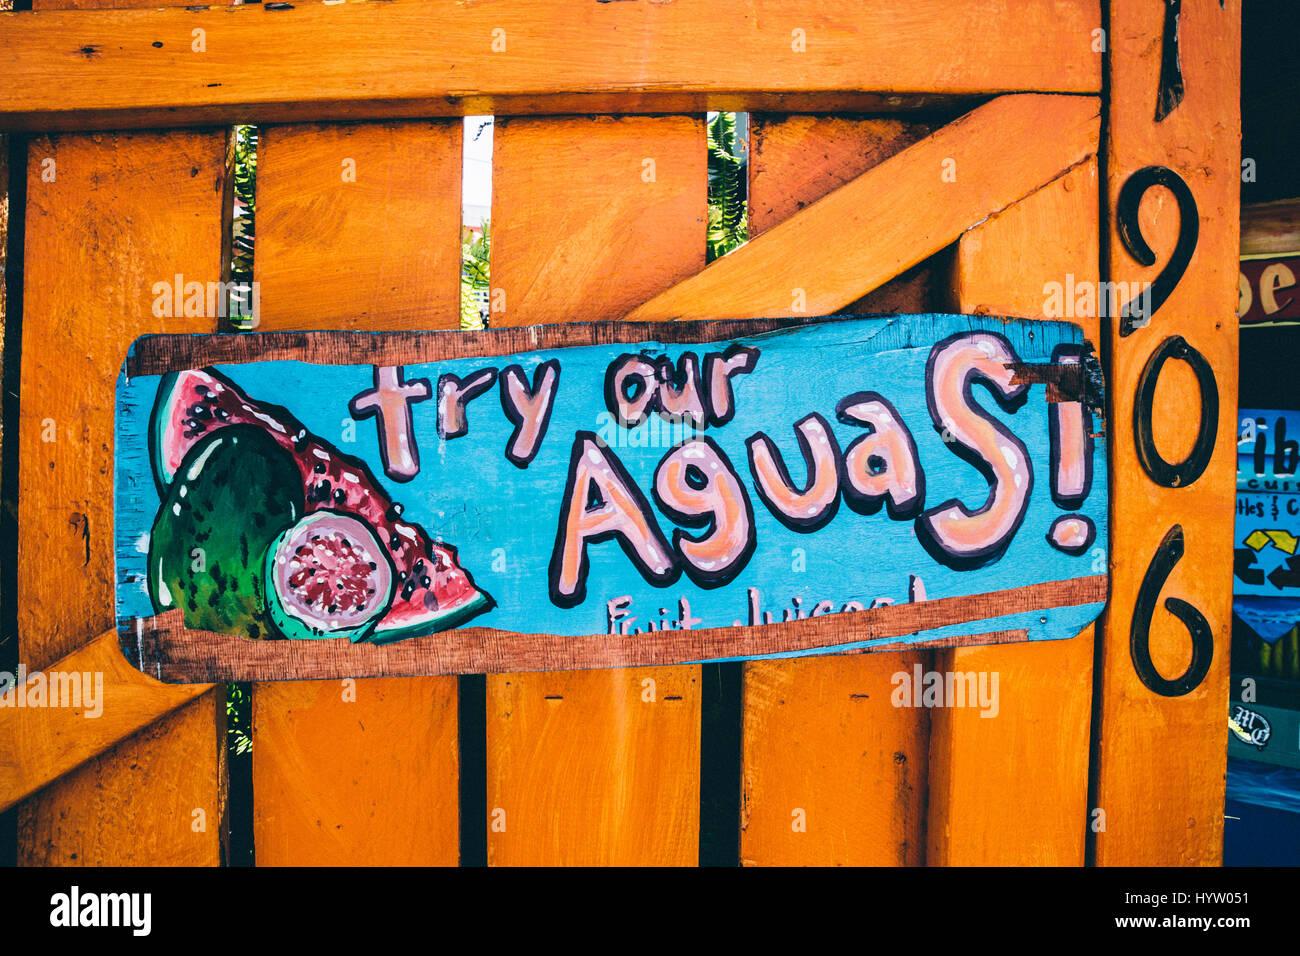 Probieren Sie unsere Aguas! Melden Sie sich an Los Angeles, CA, USA Stockbild